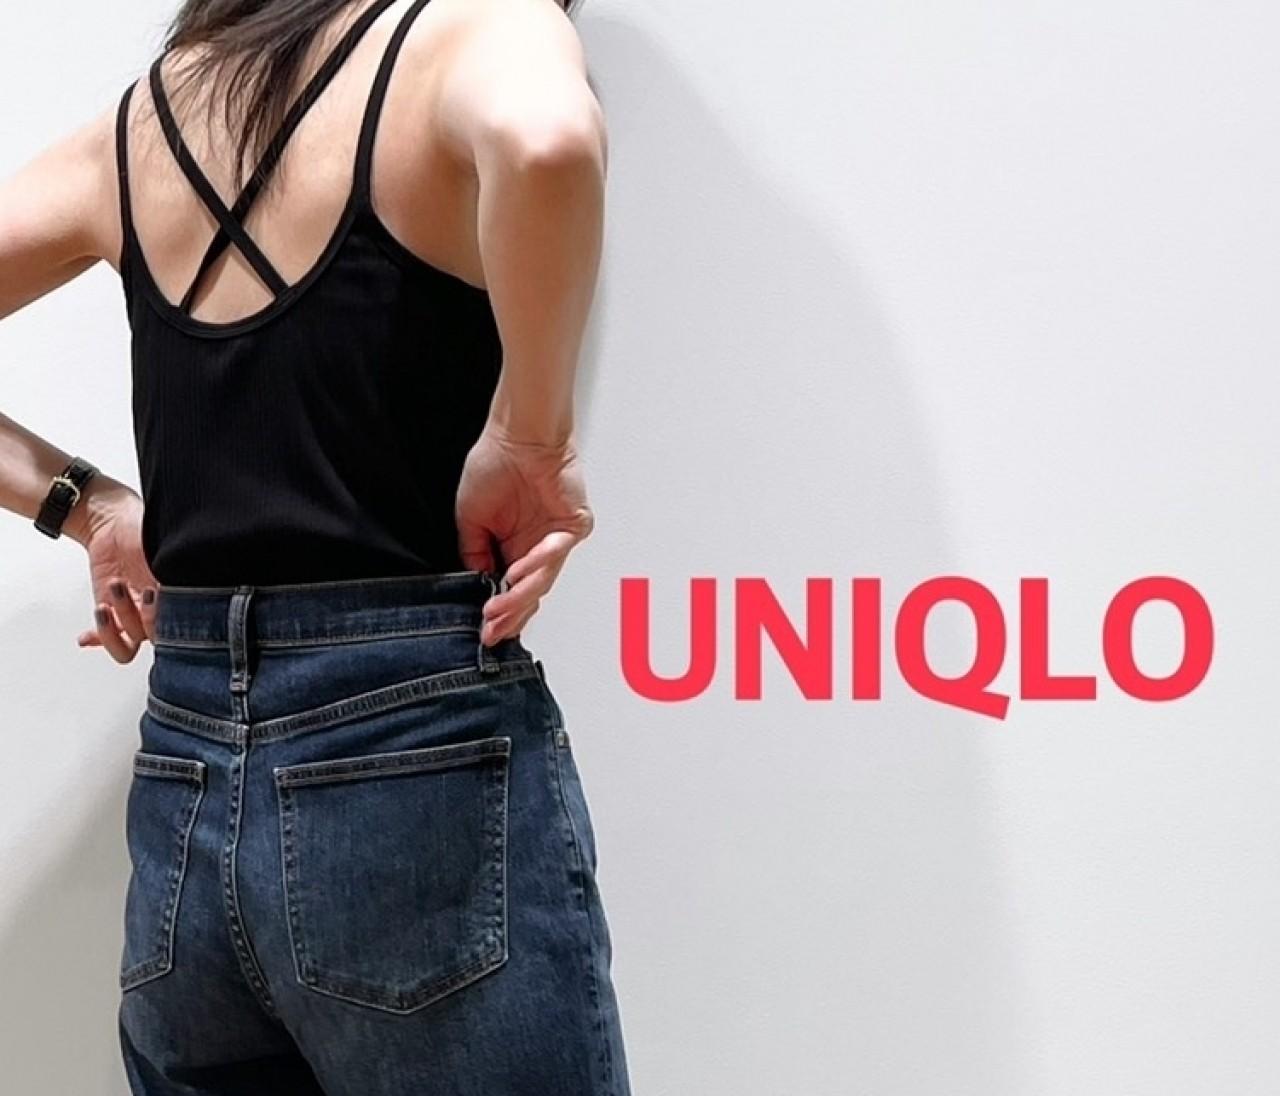 【UNIQLO(ユニクロ)】のカップつきキャミが服として使える! 夏から秋の着回しコーデ【身長150cmエディターchiakiの30代おしゃれTIPS】